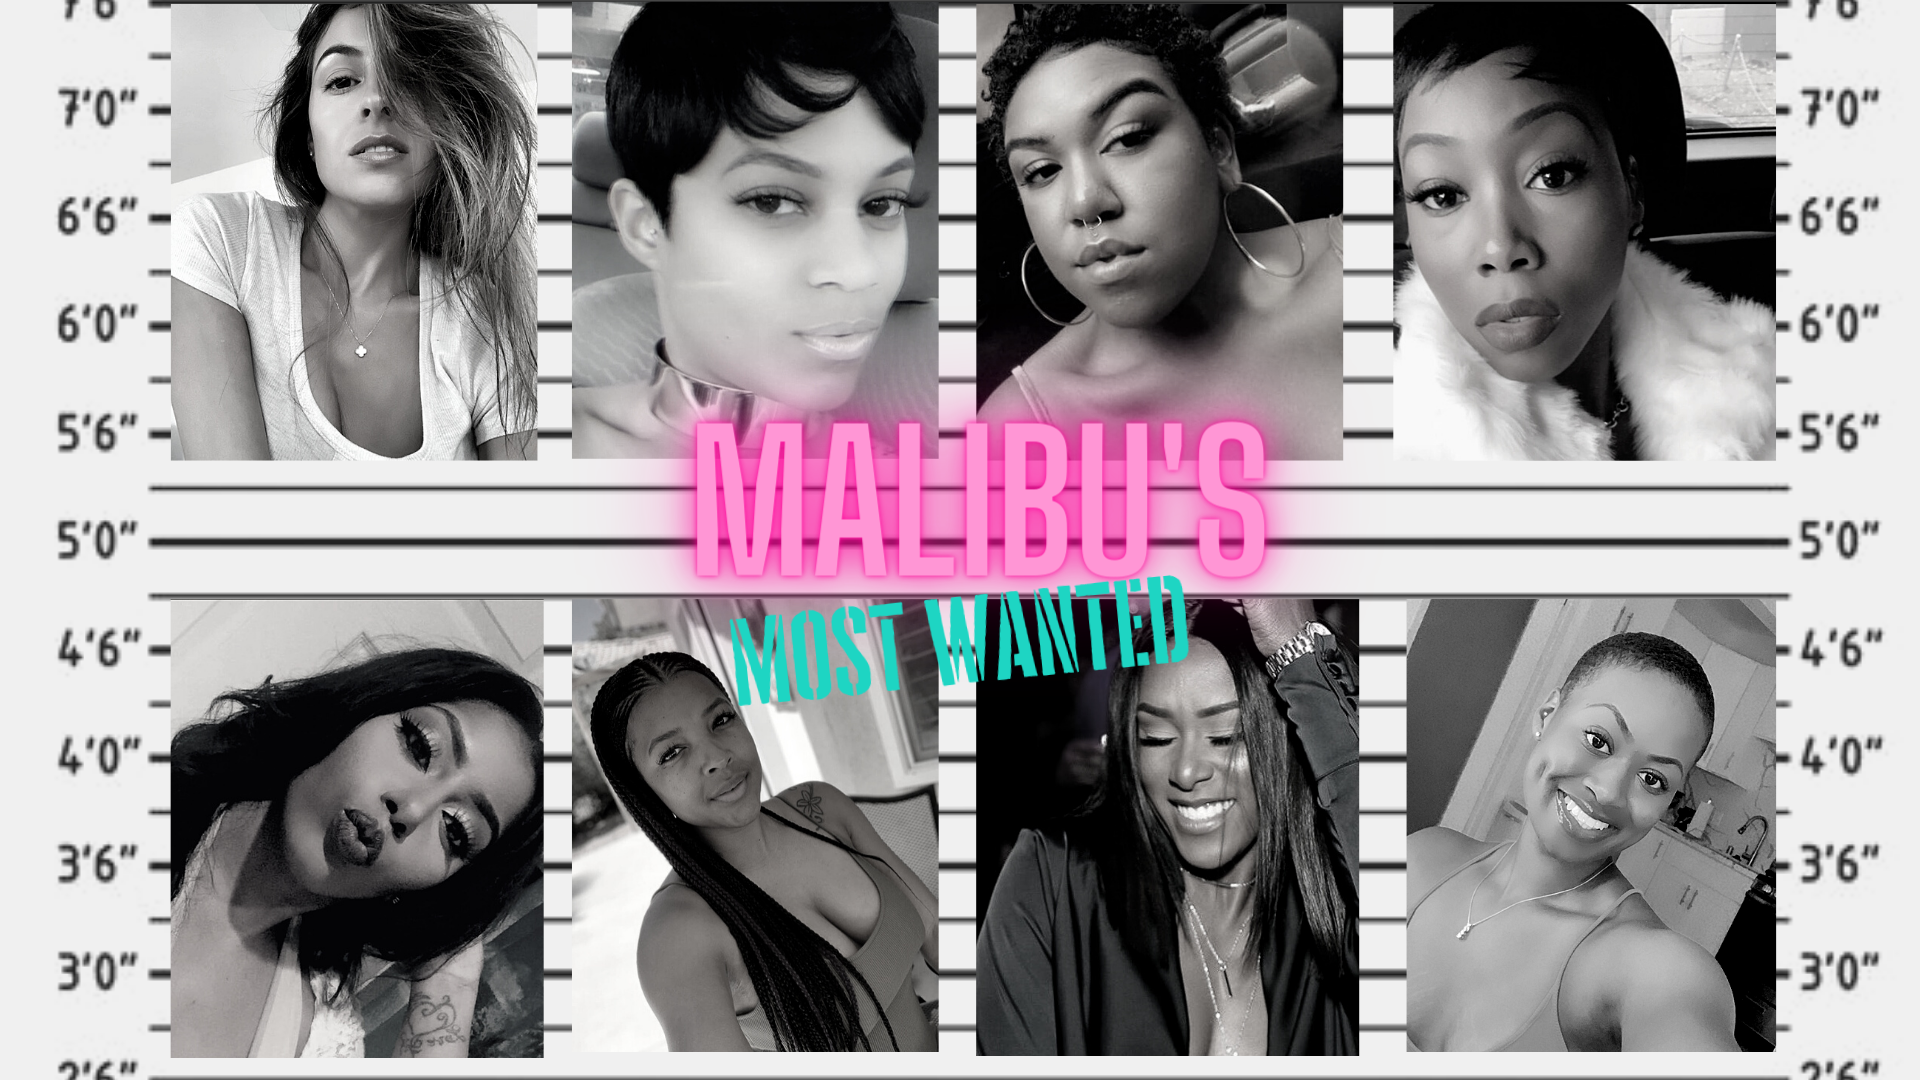 Malibu's Most Wanted!